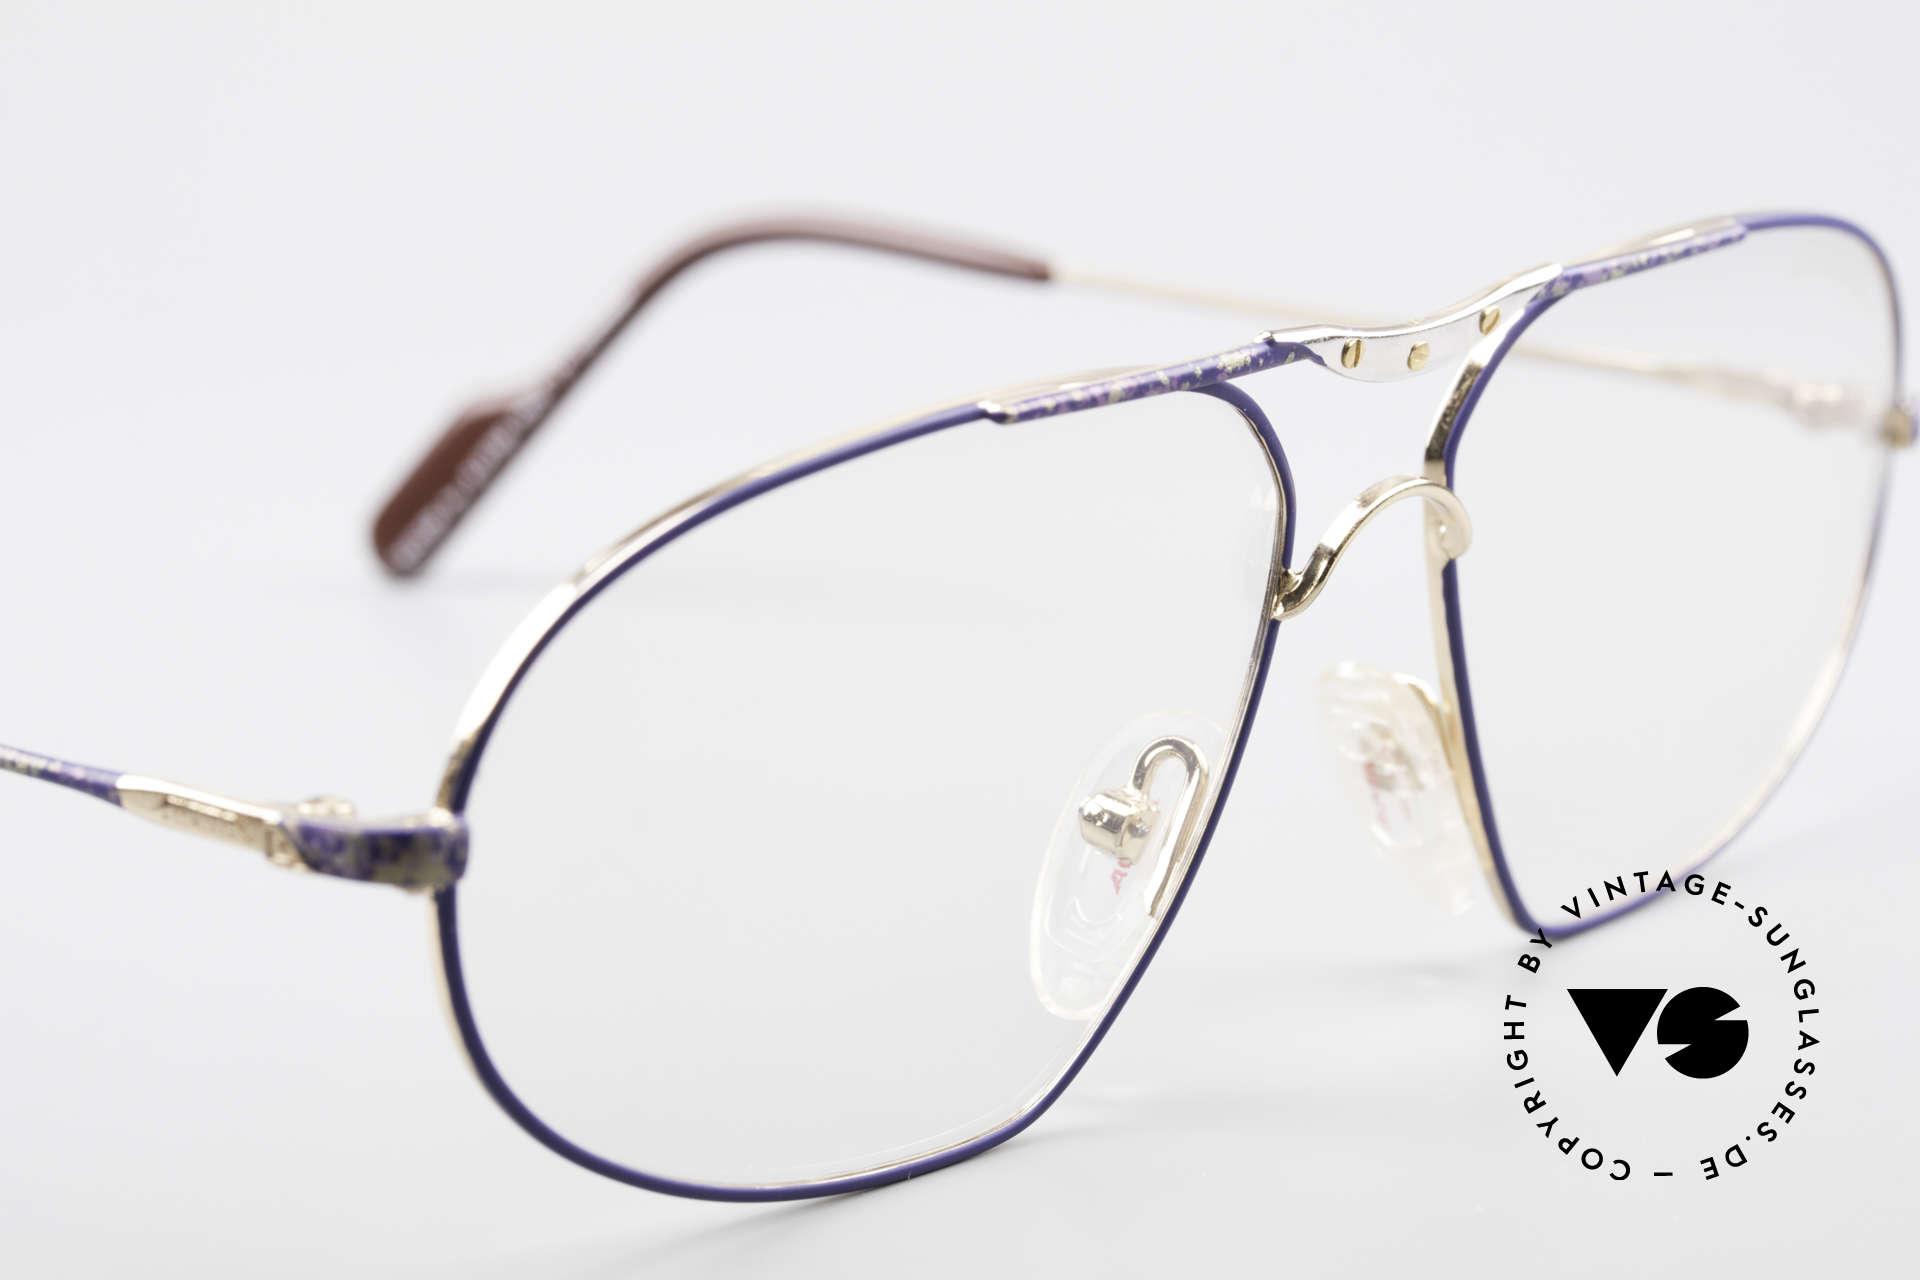 Alpina M1F755 Alte Klassische Herren Brille, KEINE retro Brille; ein circa 25 J. altes ORIGINAL, Passend für Herren